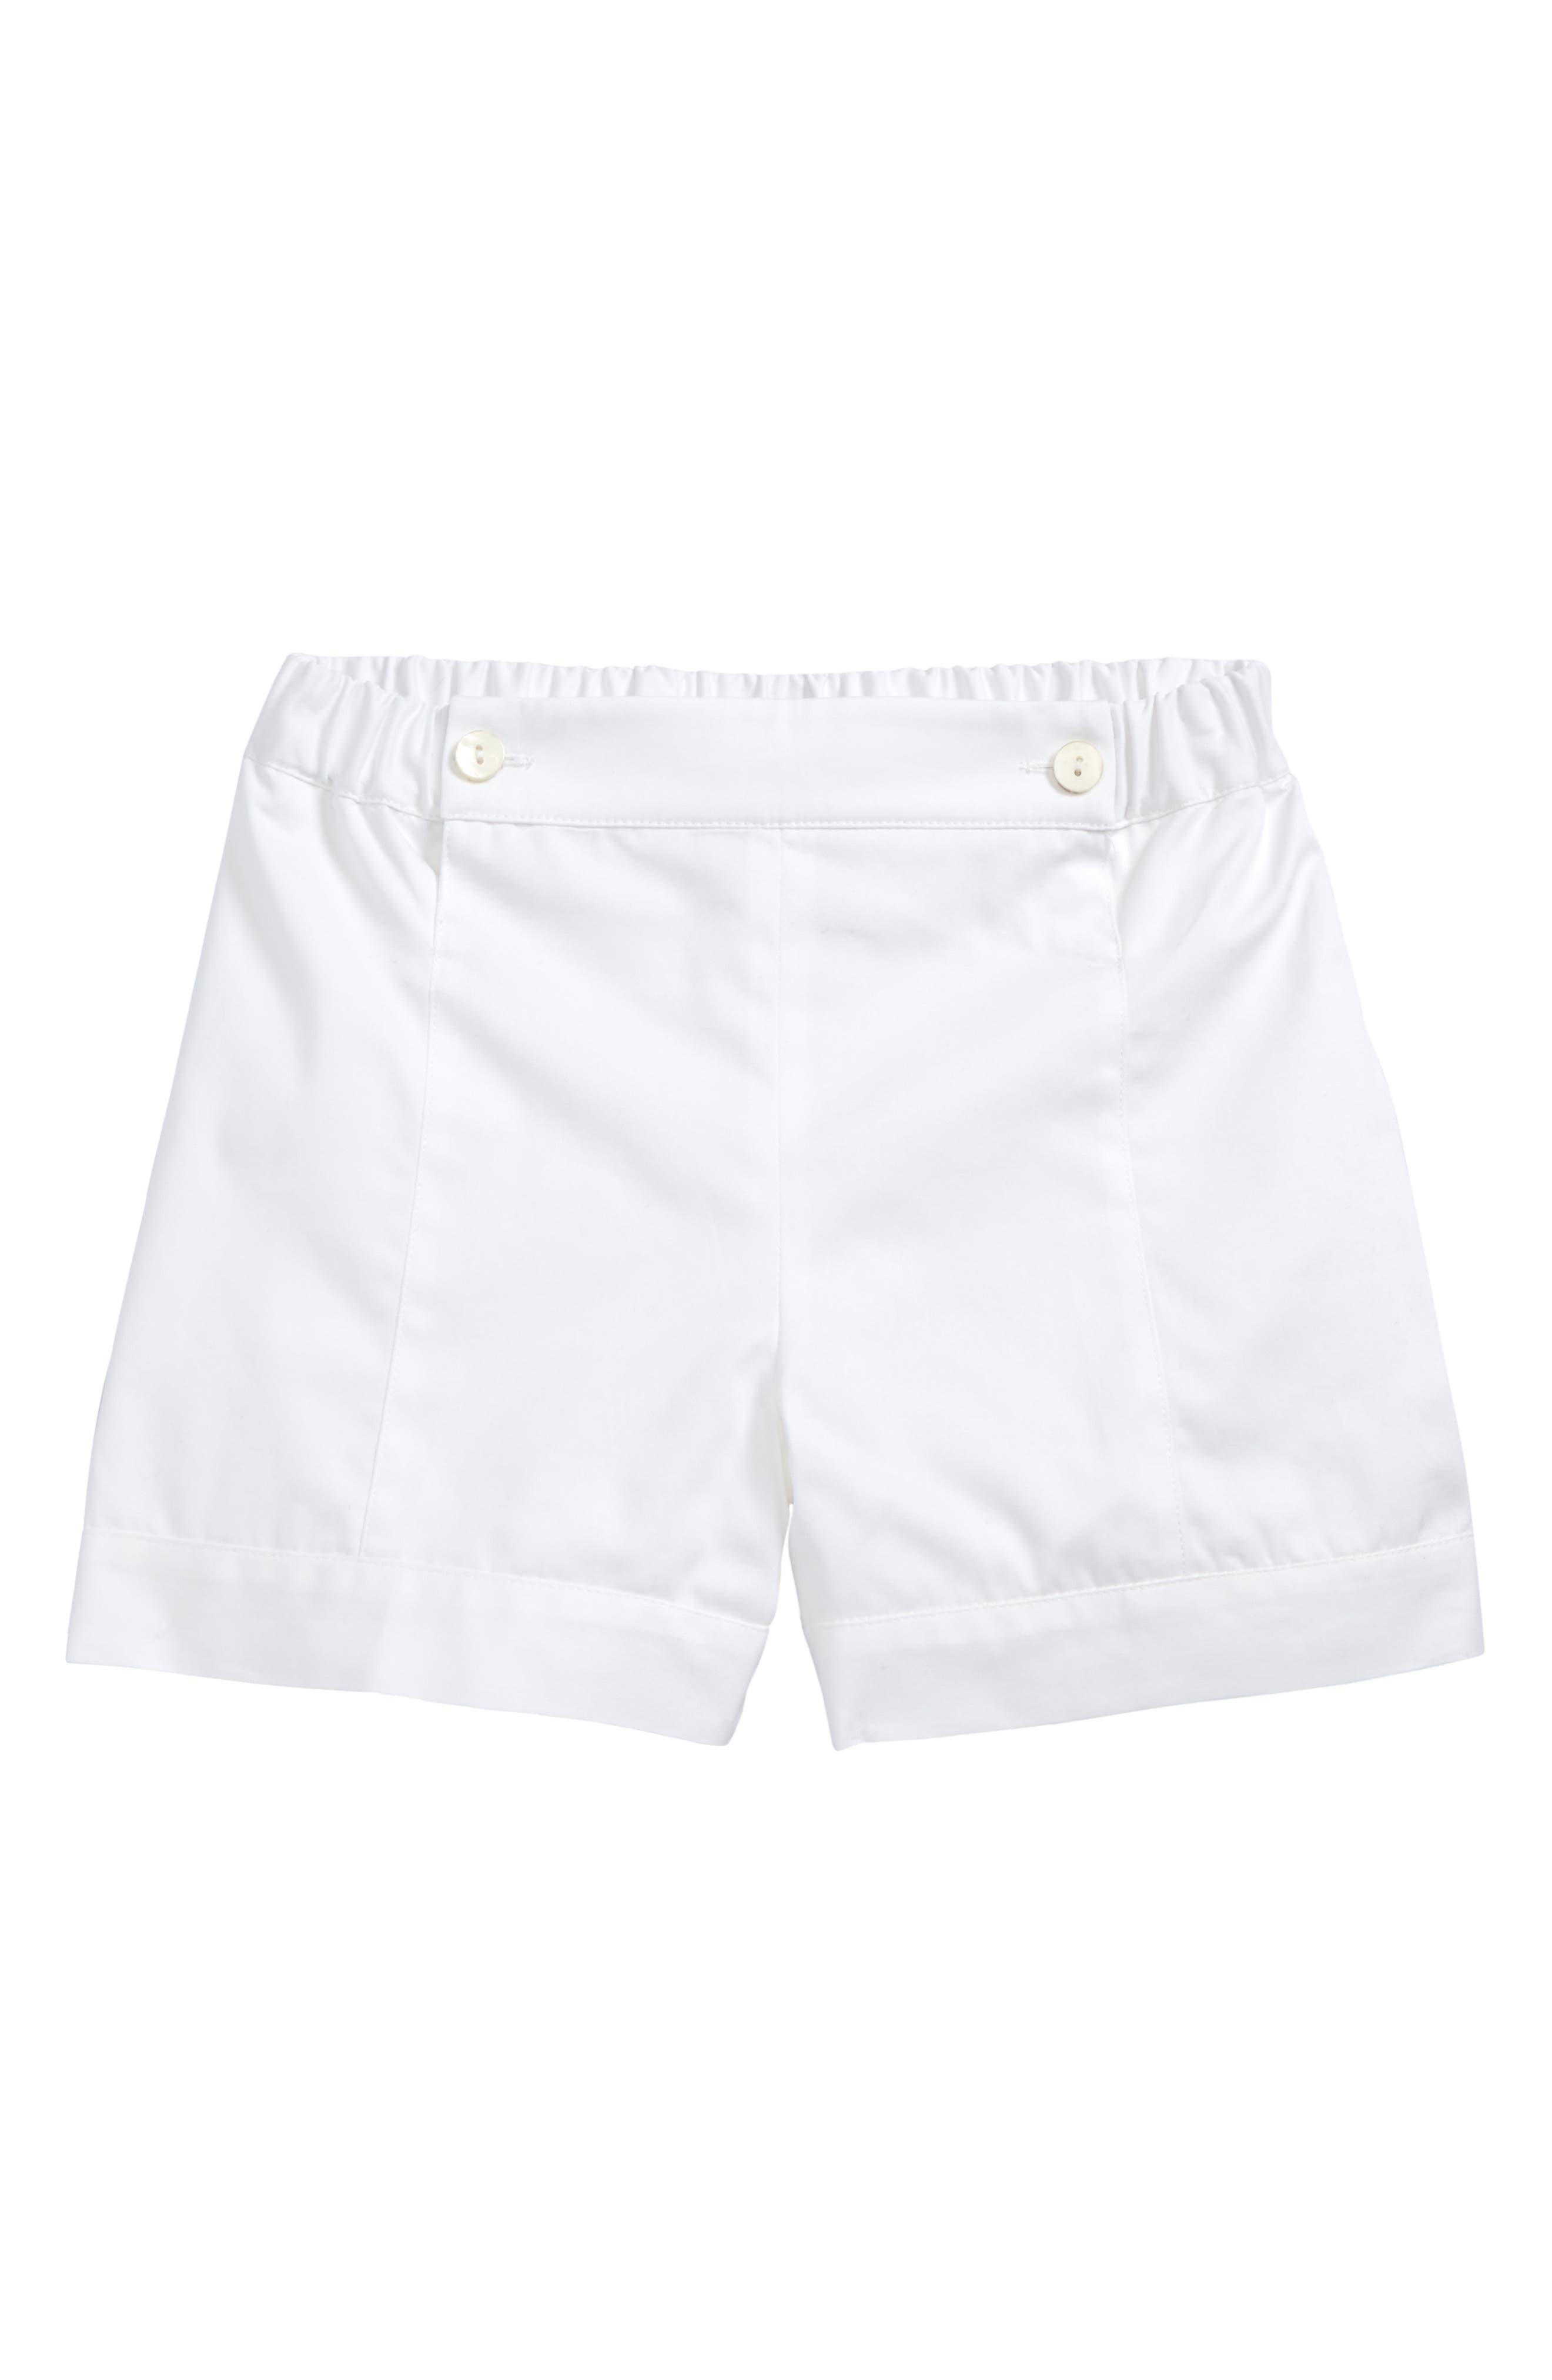 Sailor Shorts,                         Main,                         color, 100